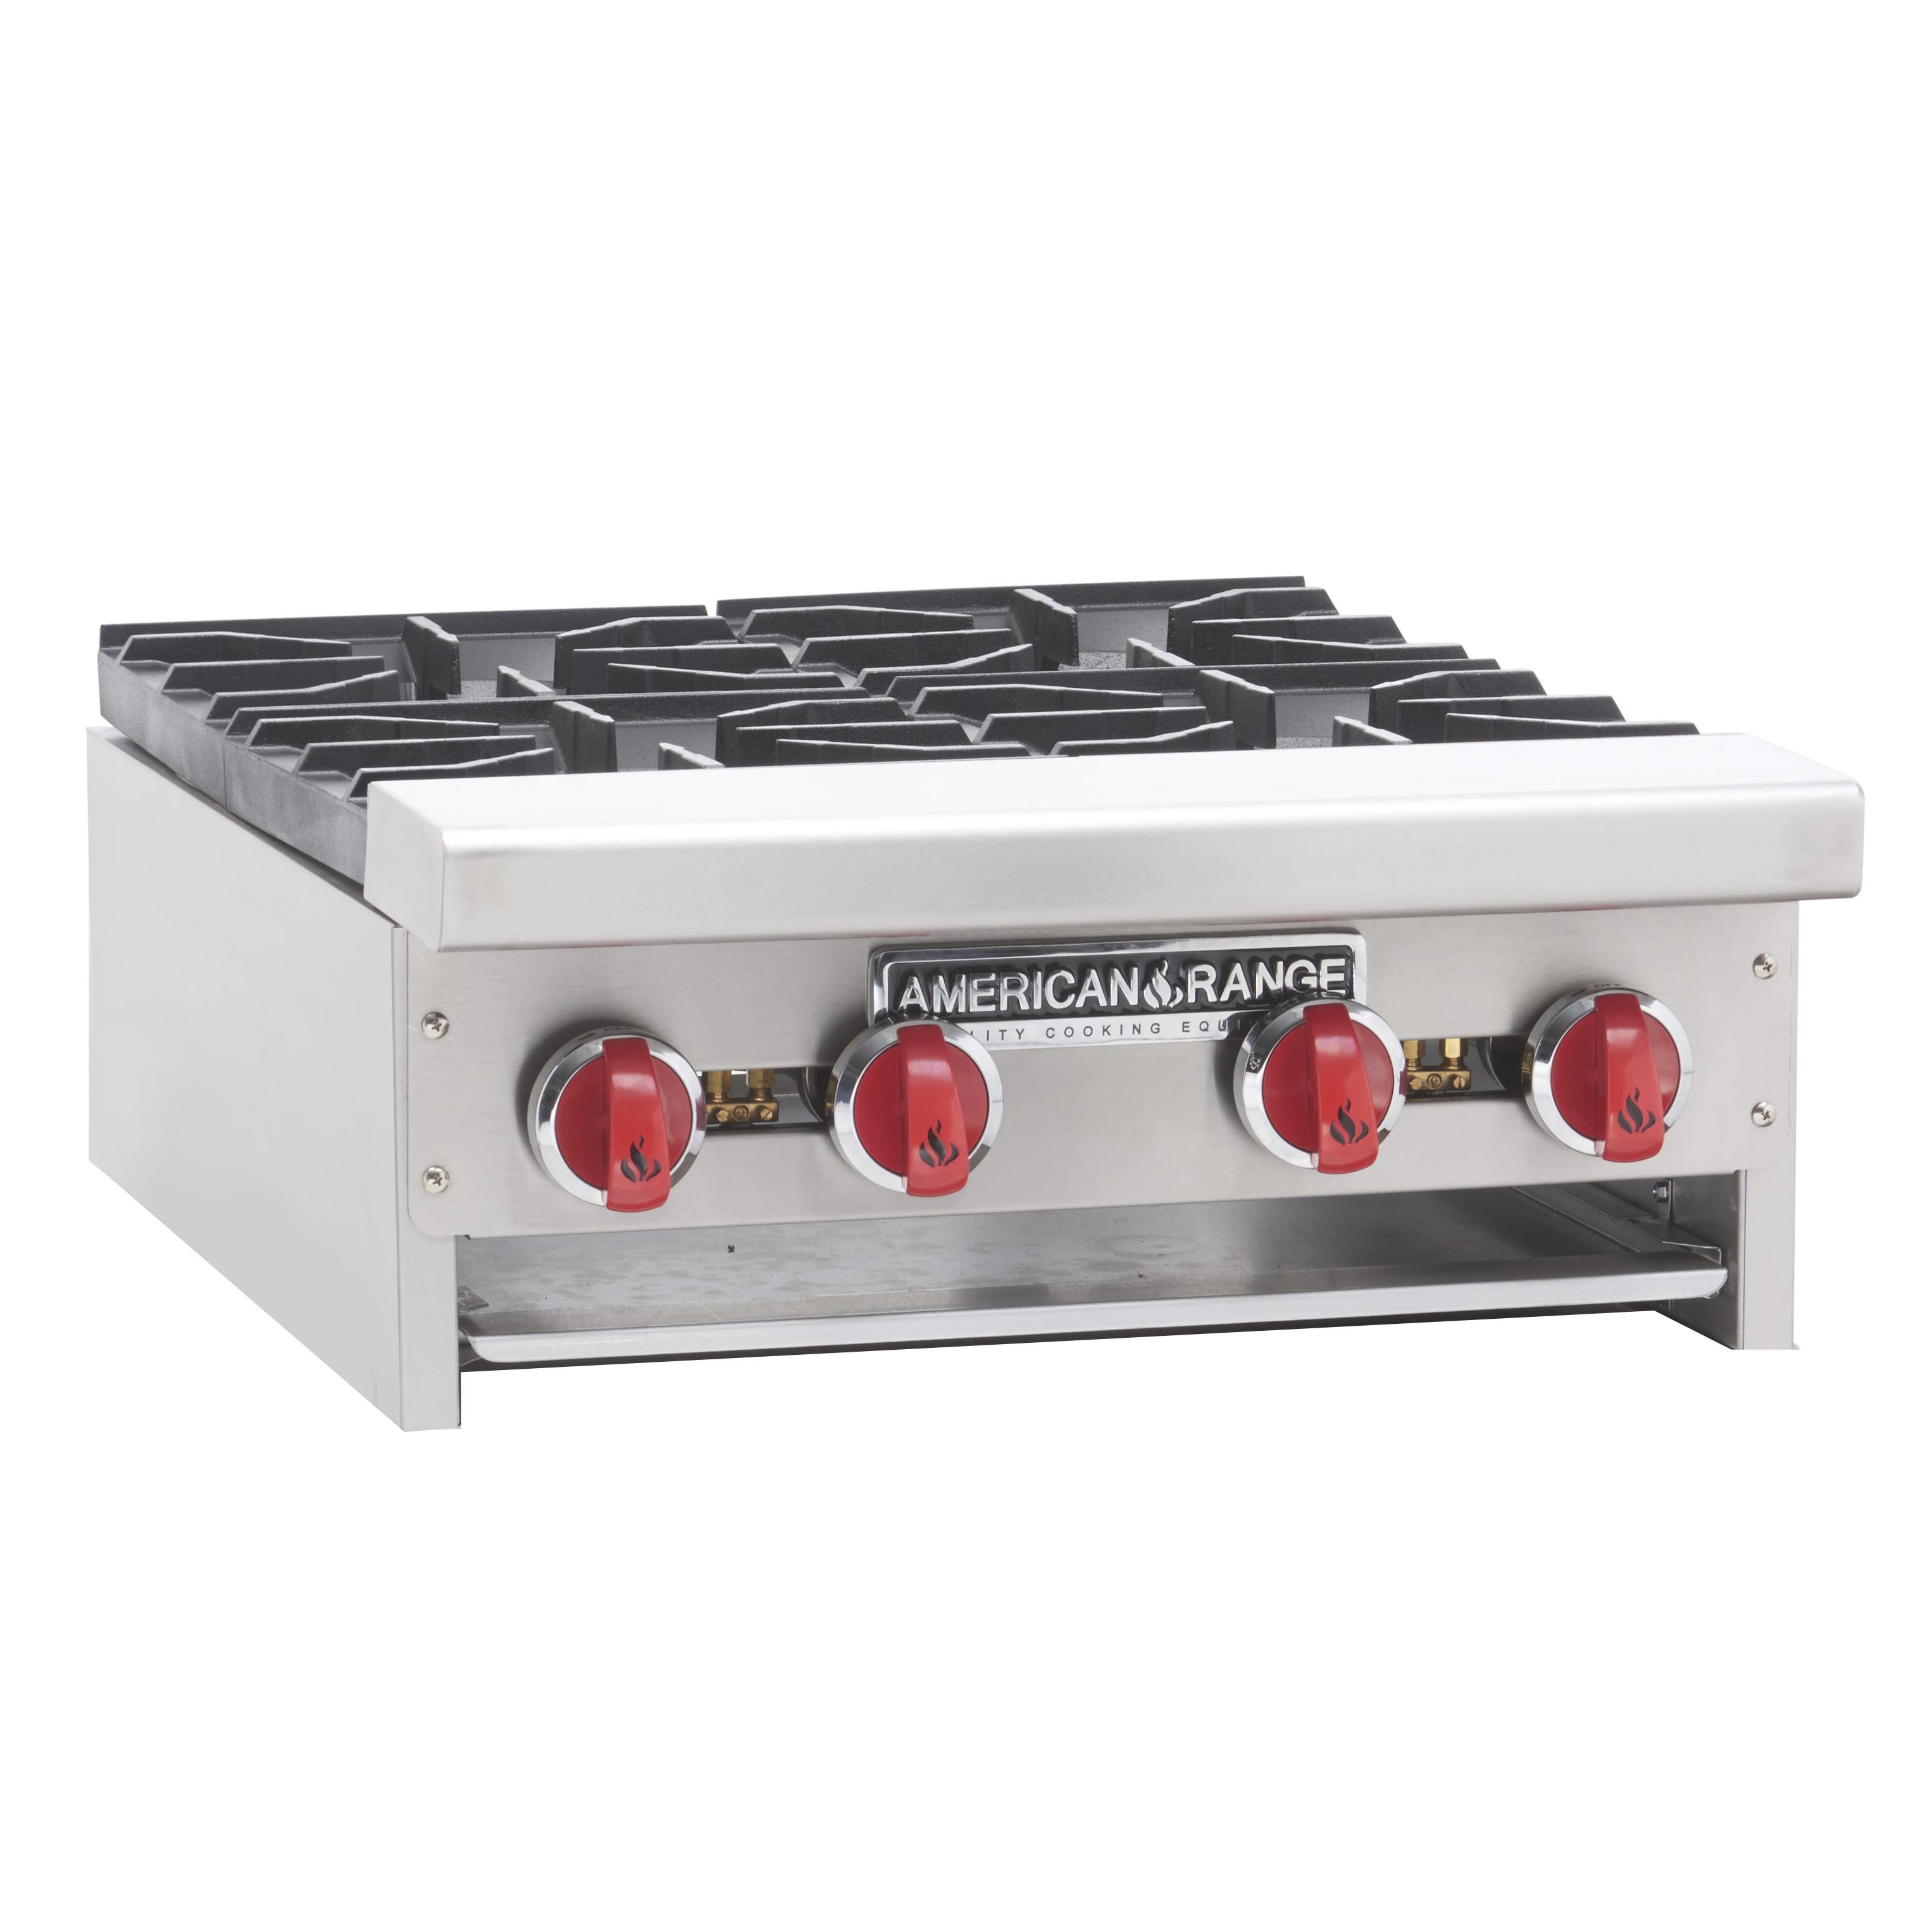 American Range ARHP-24-4 hotplate, countertop, gas